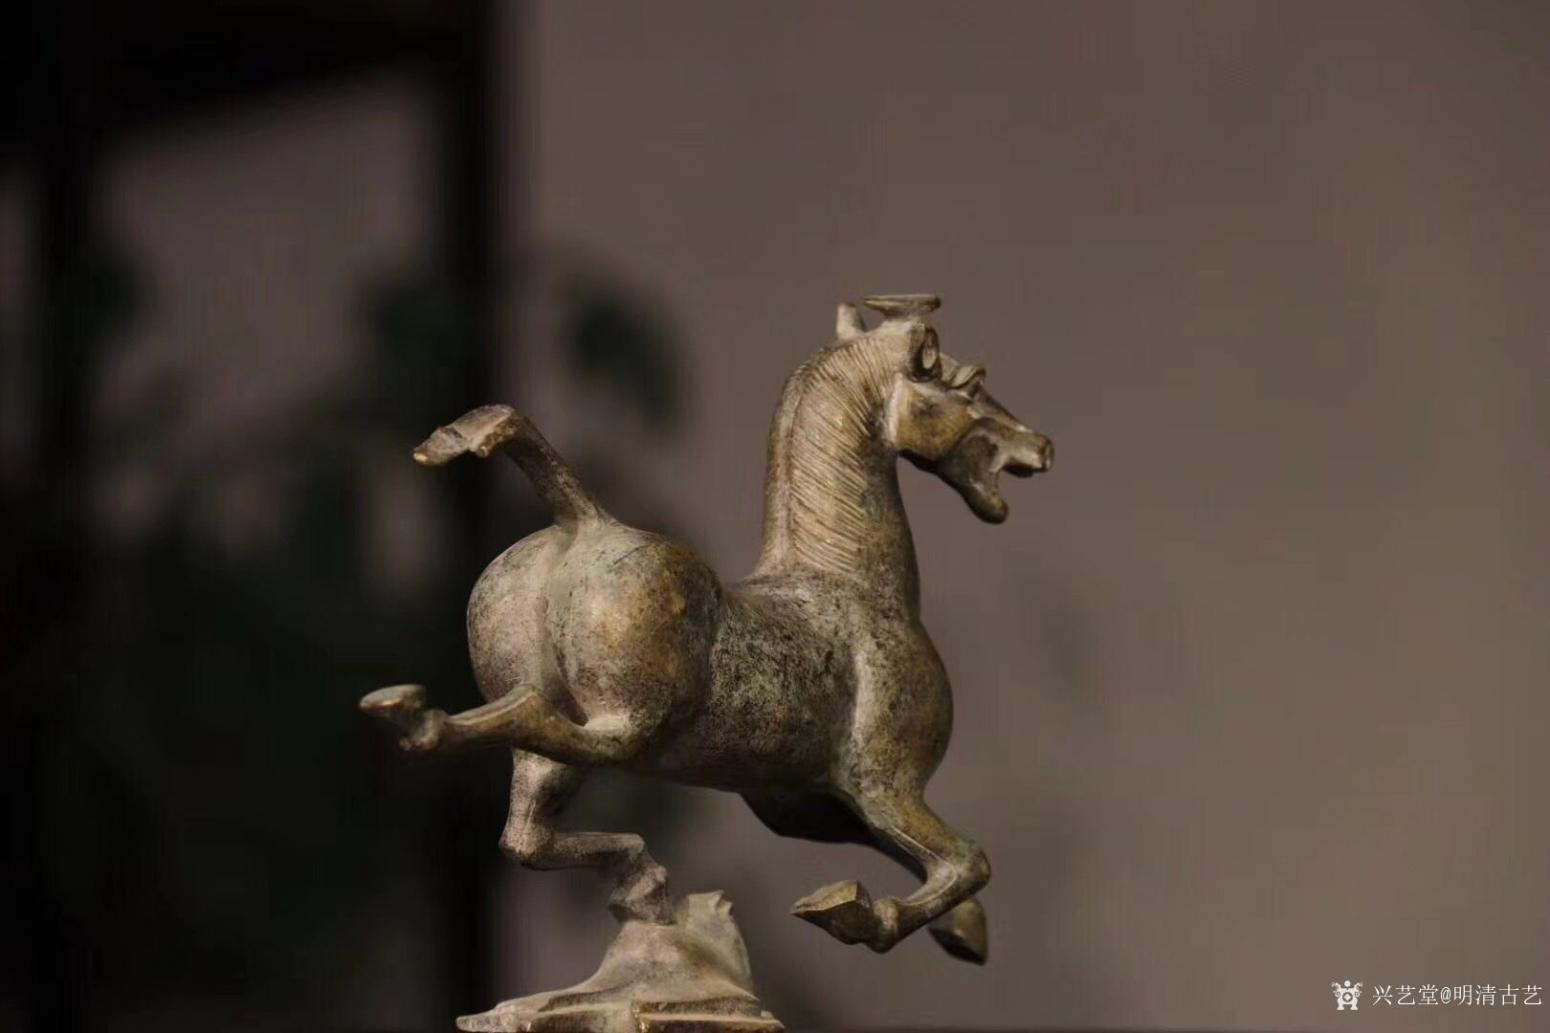 明清古艺雕刻作品《马踏飞燕.铜》【图5】